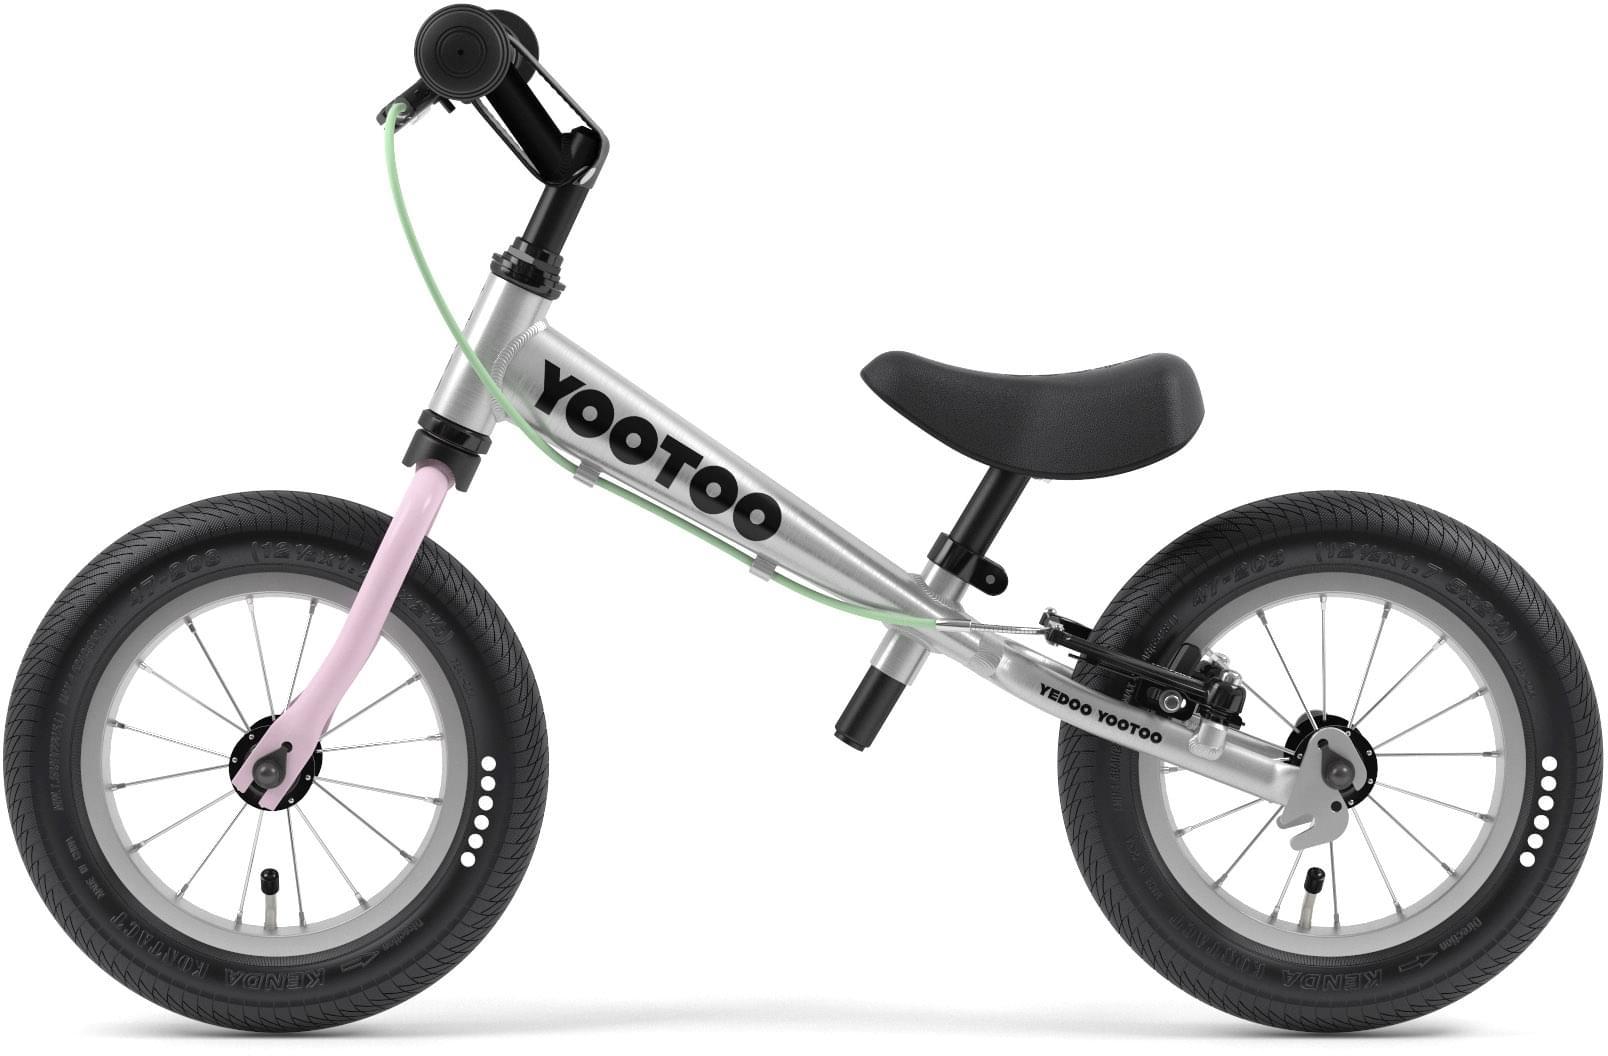 Yedoo YooToo - candy pink uni